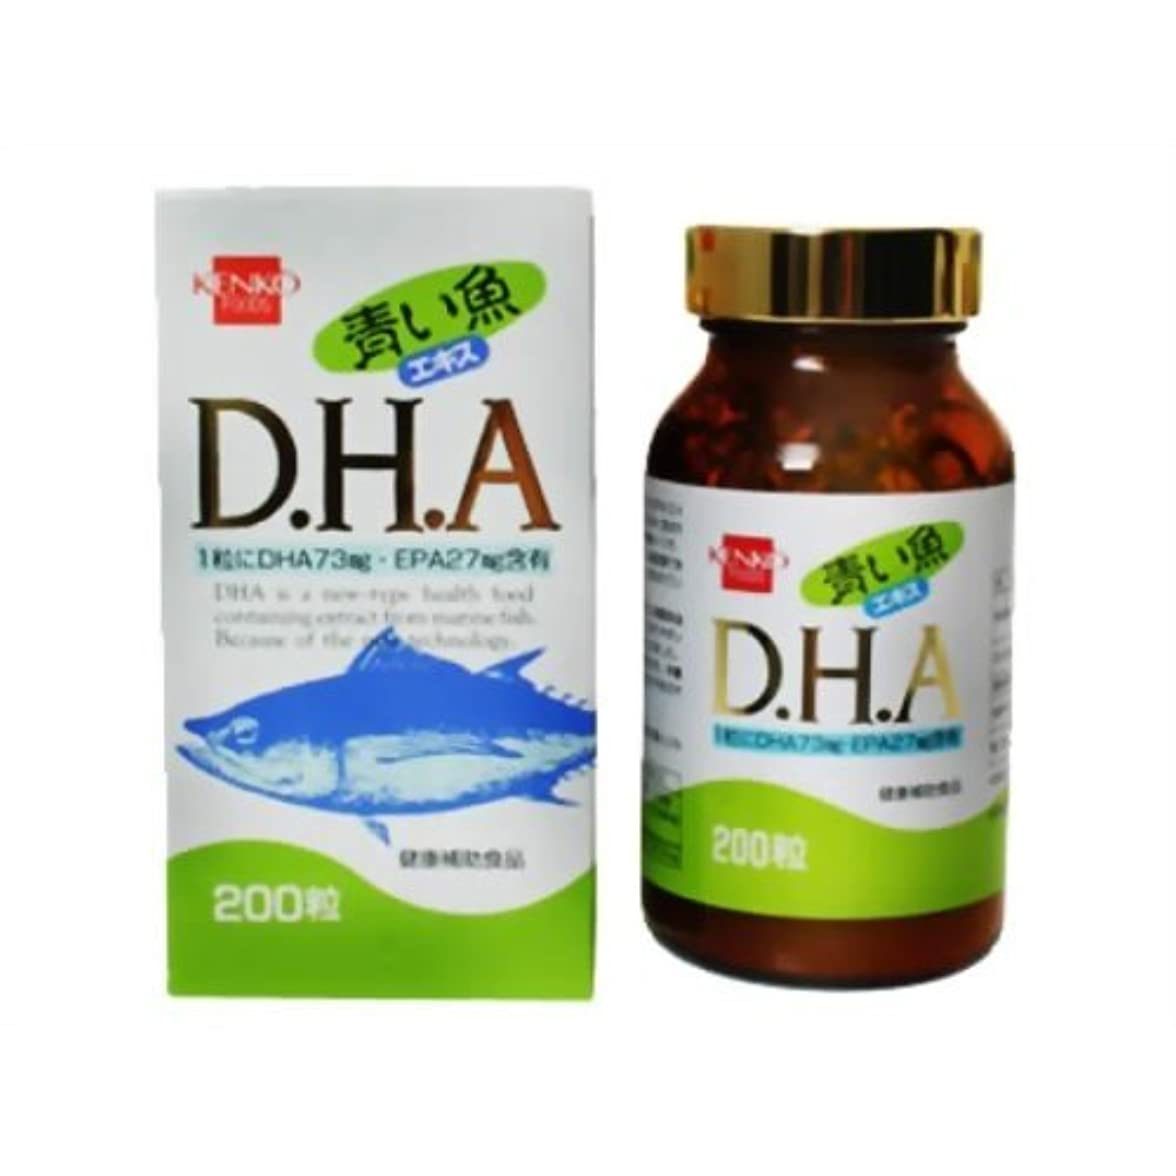 架空のアンペアアレルギー性健康フーズ 青い魚エキス DHA 200粒